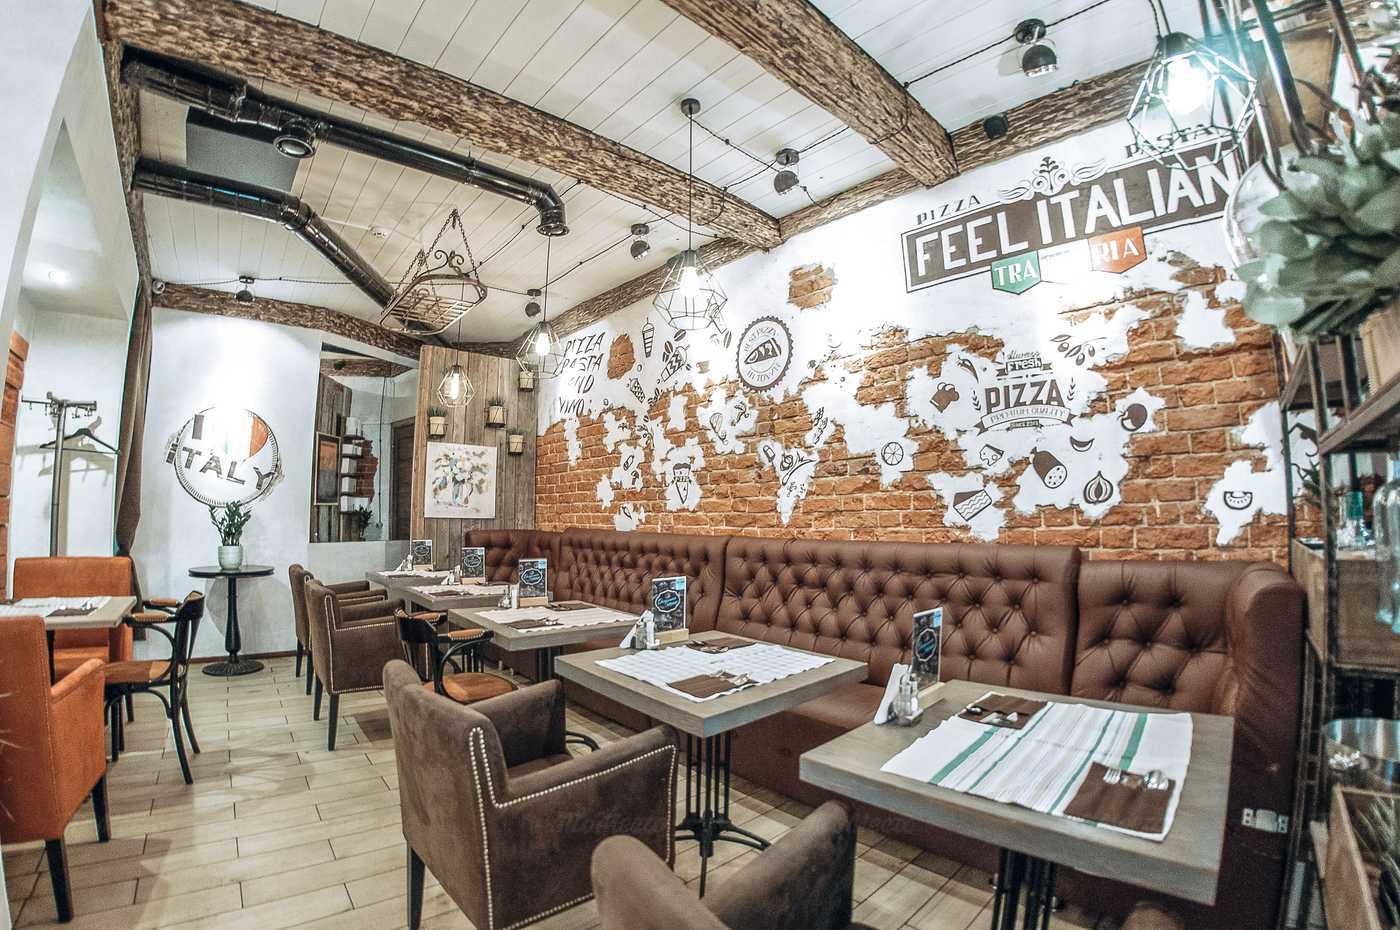 Ресторан Feel Italian на Пятницкой фото 10